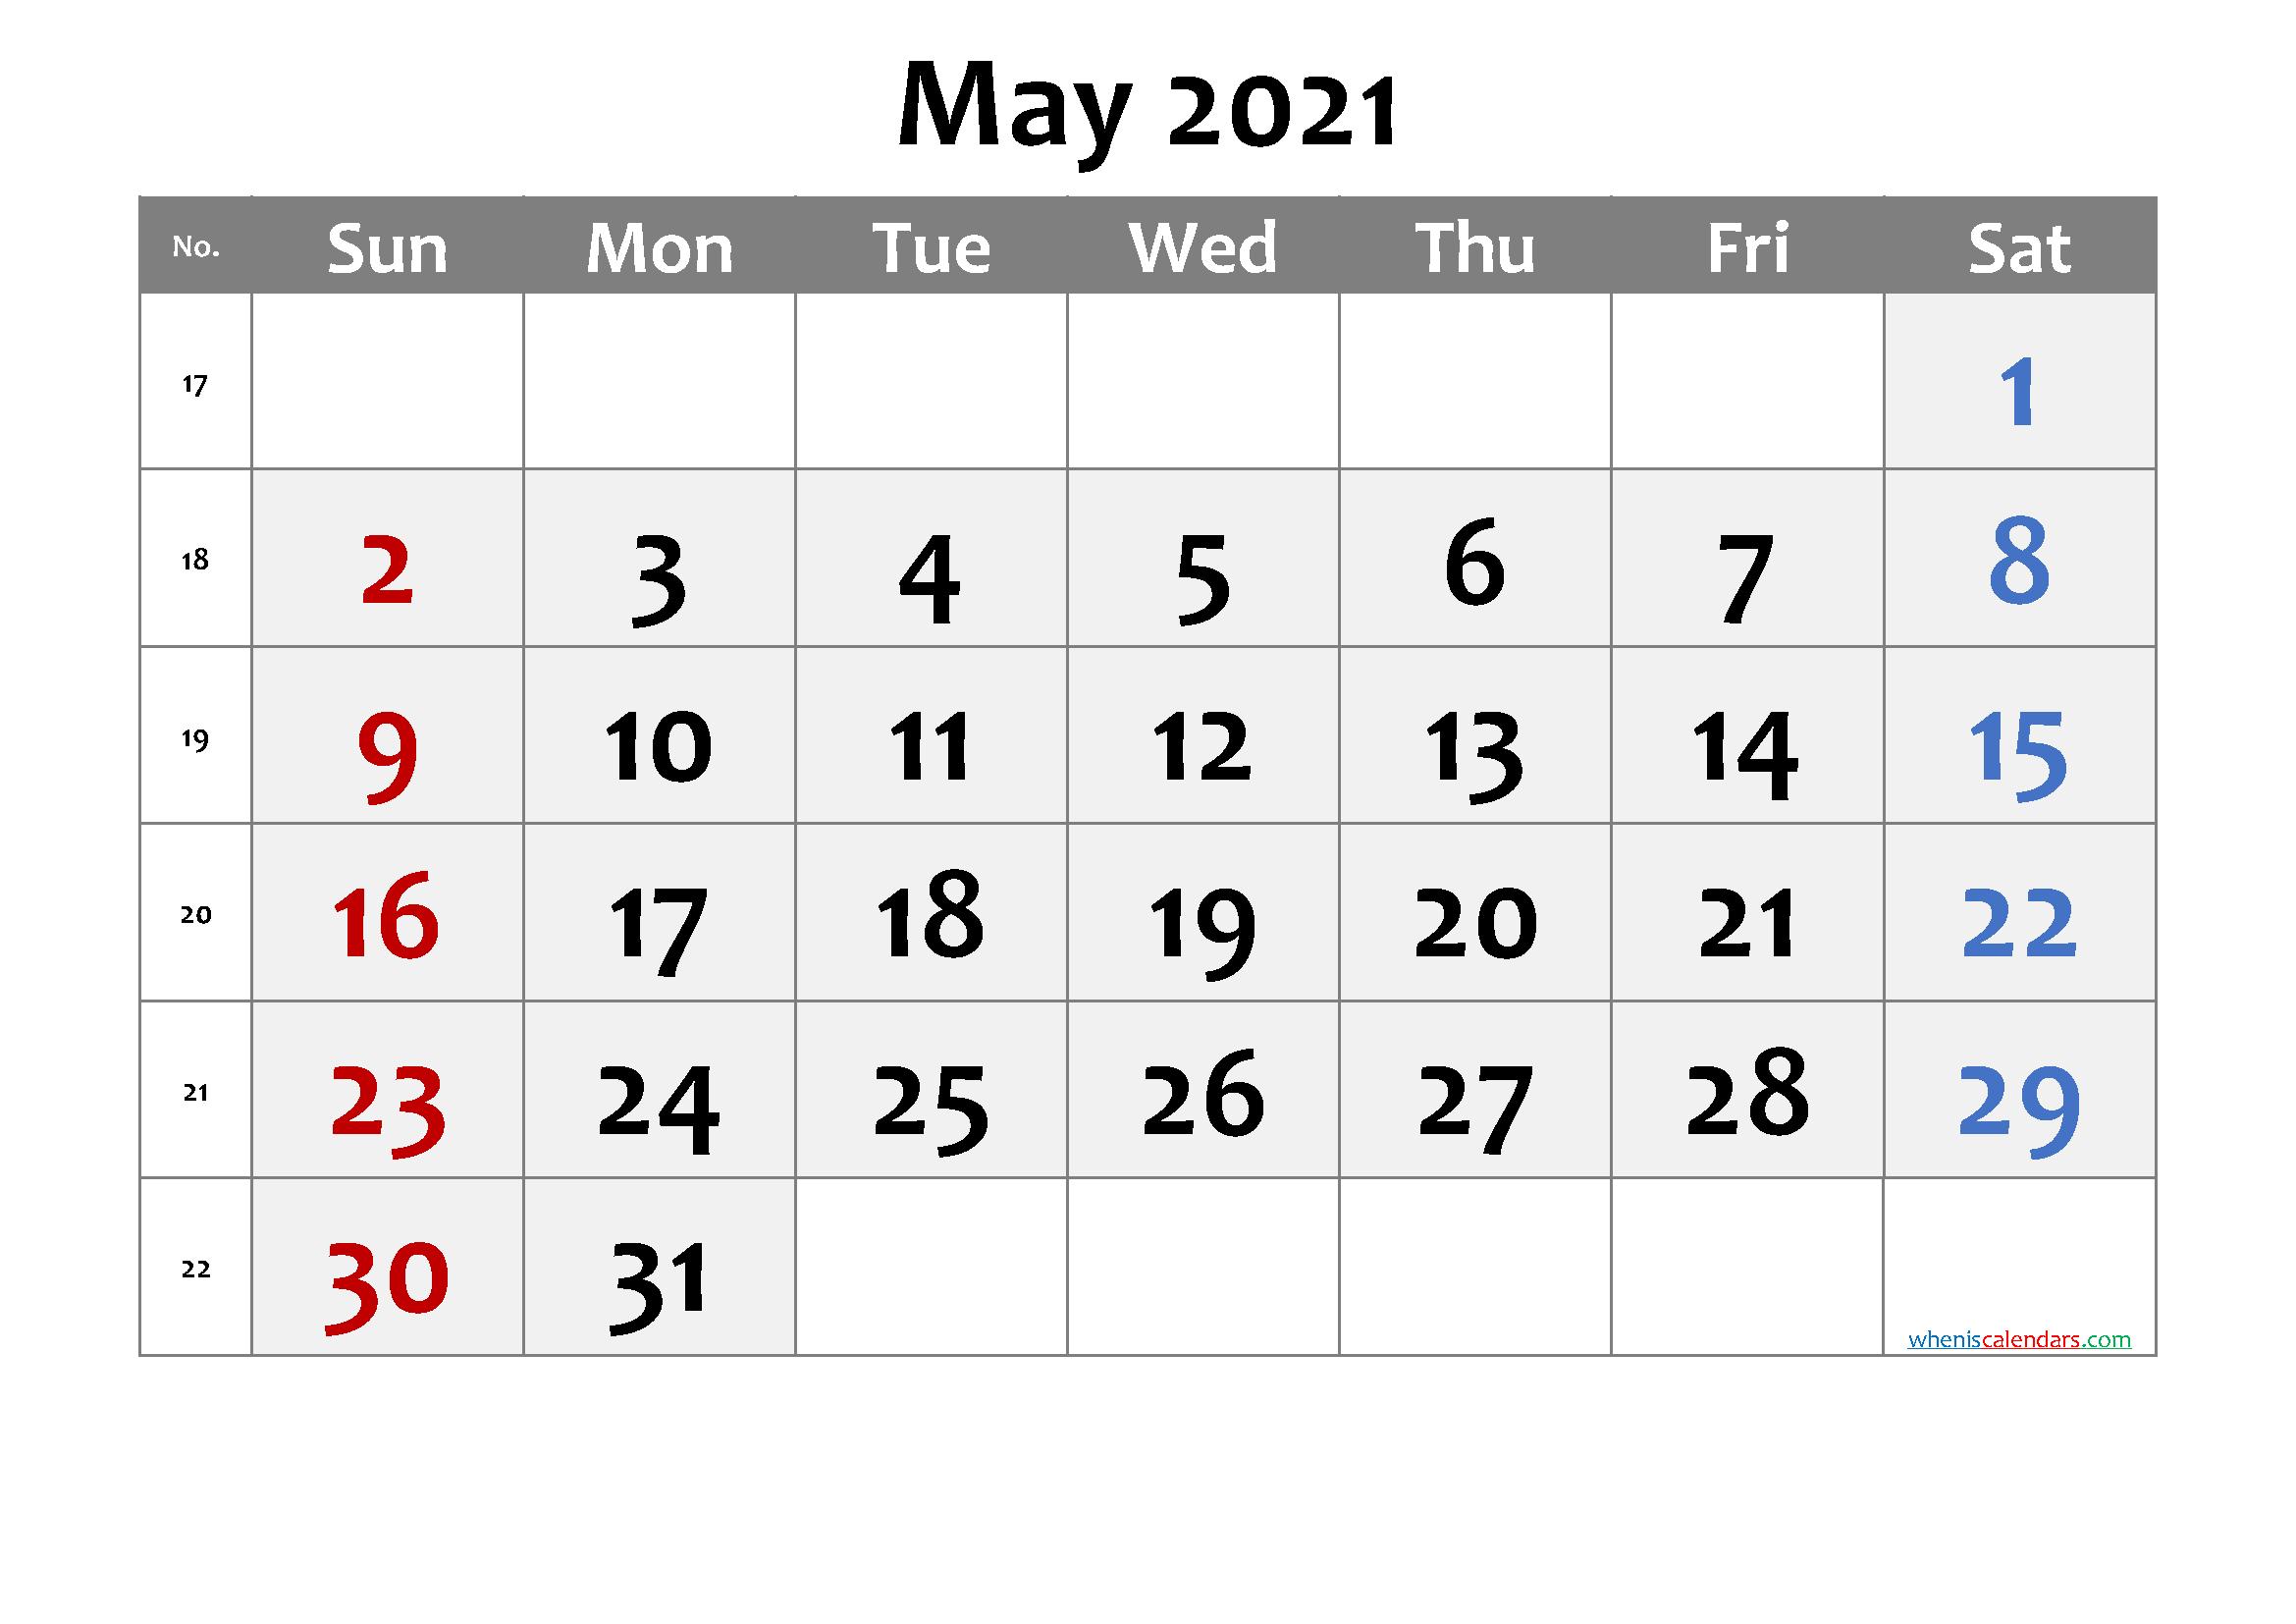 May 2021 Printable Calendar With Week Numbers Free Premium In 2020 Printable Calendar July Calendar Printables Printable Calendar